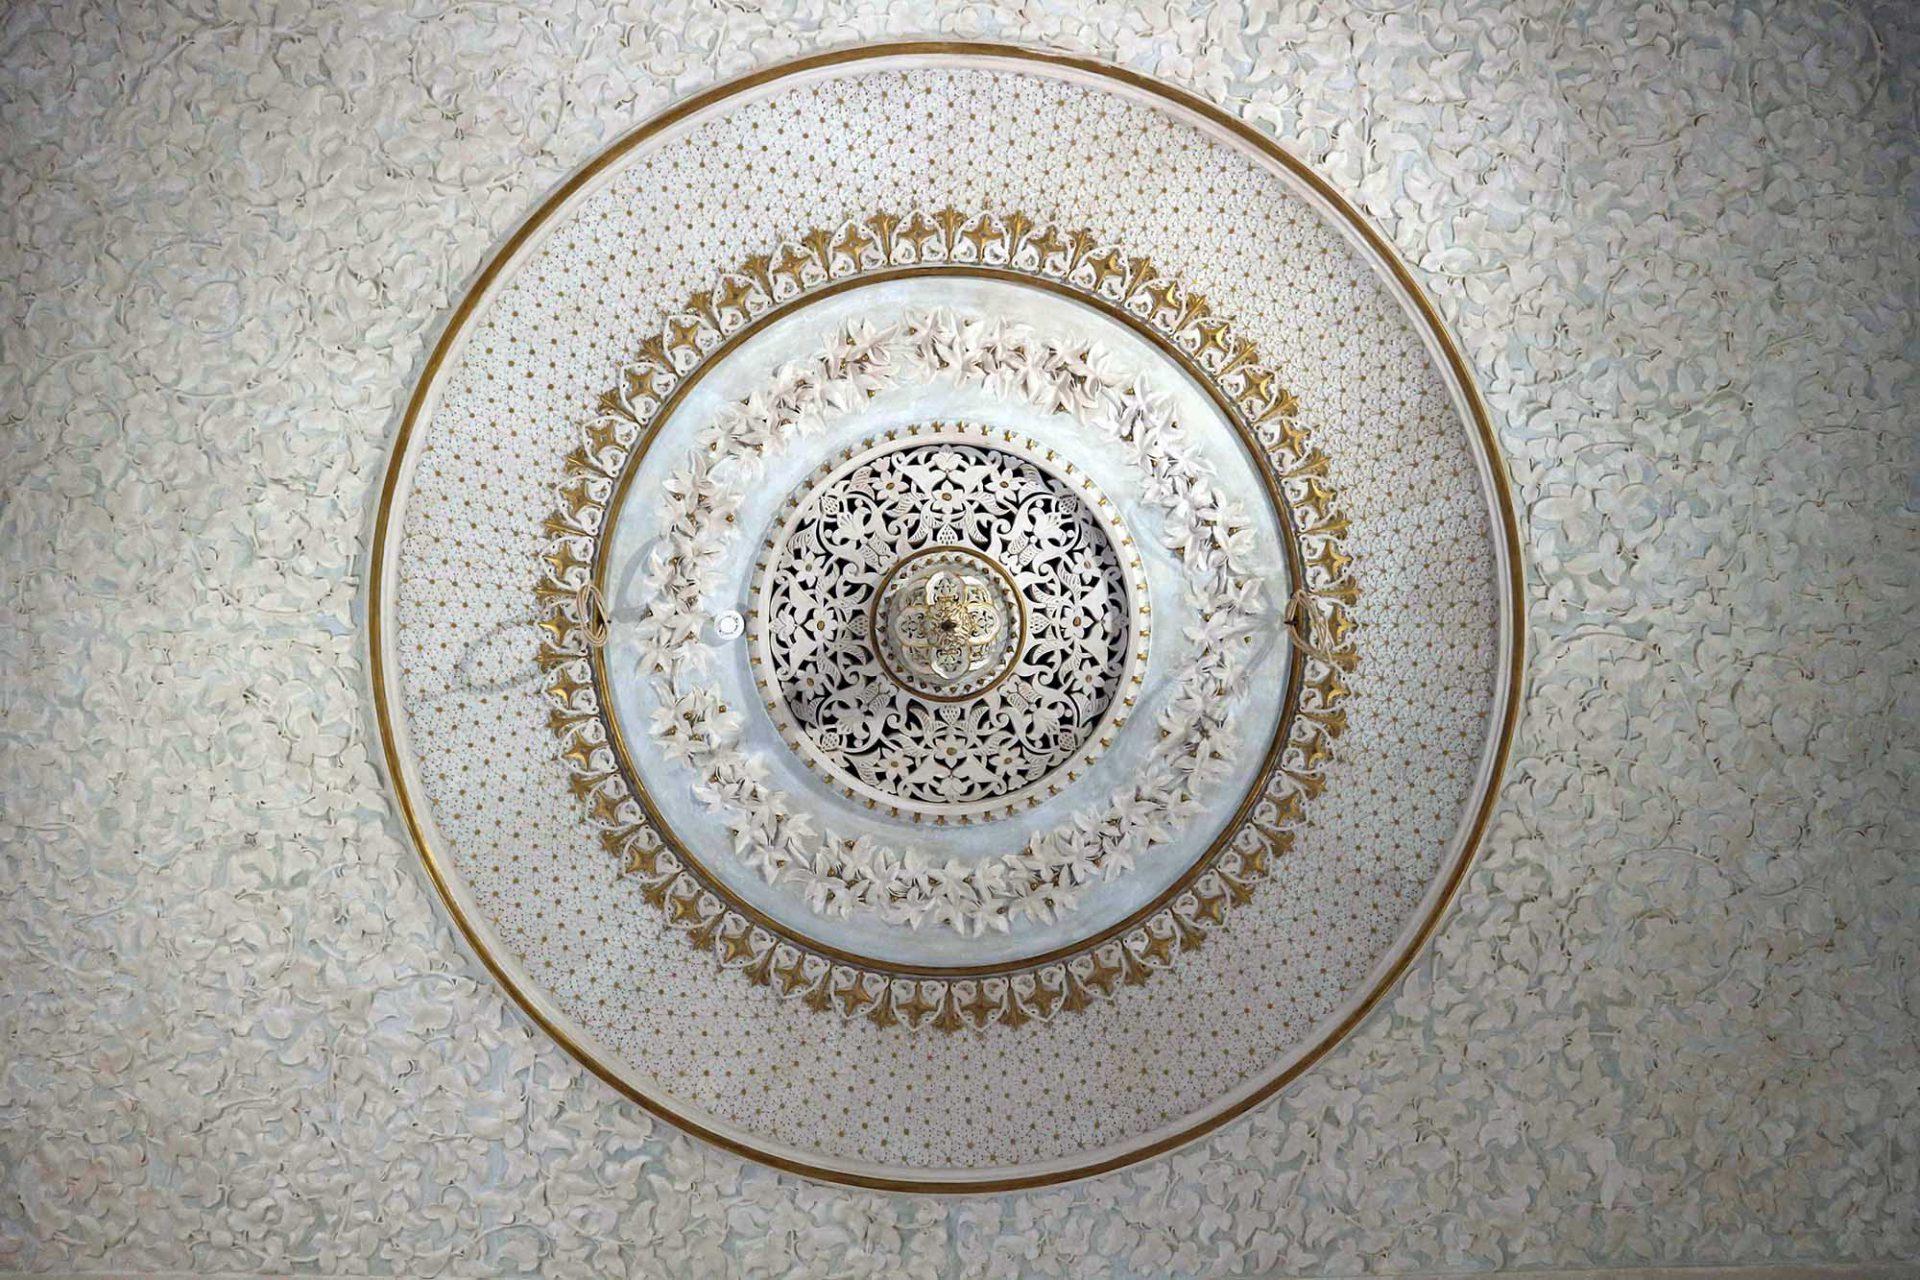 Palácio de Monserrate. Deckenkunst mal mit dem kräftigen Strich, mal mit dem feinen Pinsel. Wie hier.